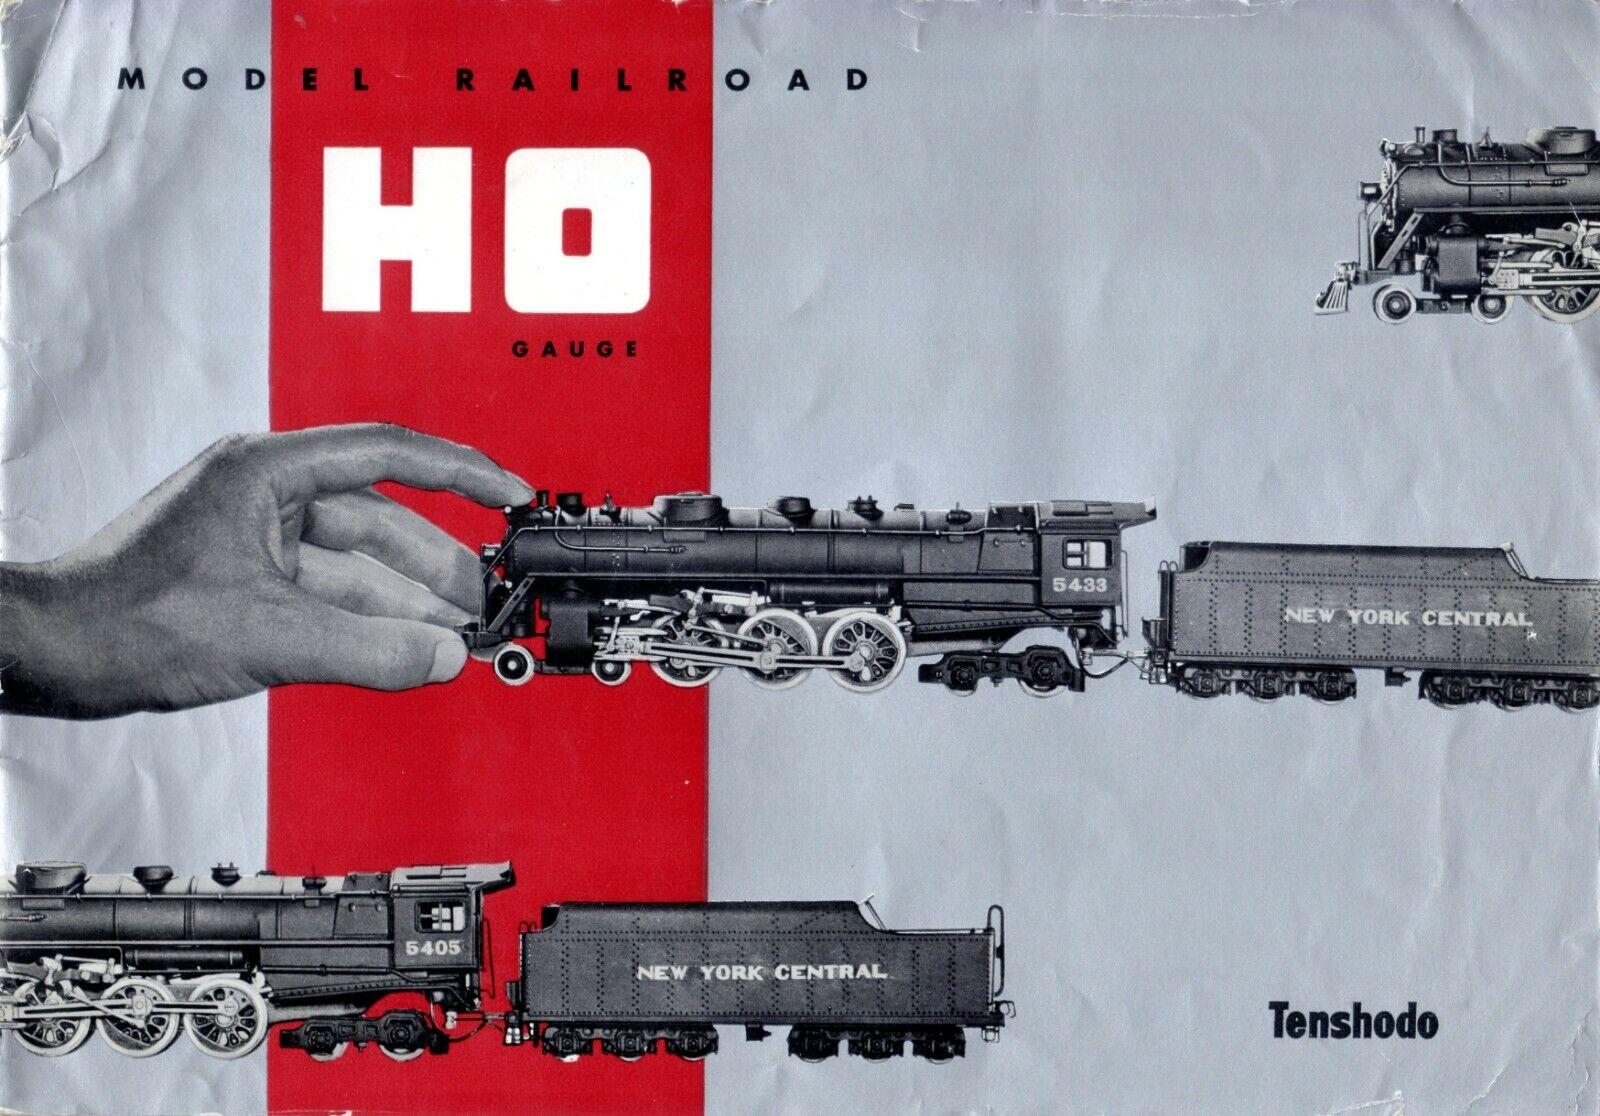 Catalogo TENSHODO 4th edizione 1958 modello Railstrada HO Gauge  prix FF    E     bb